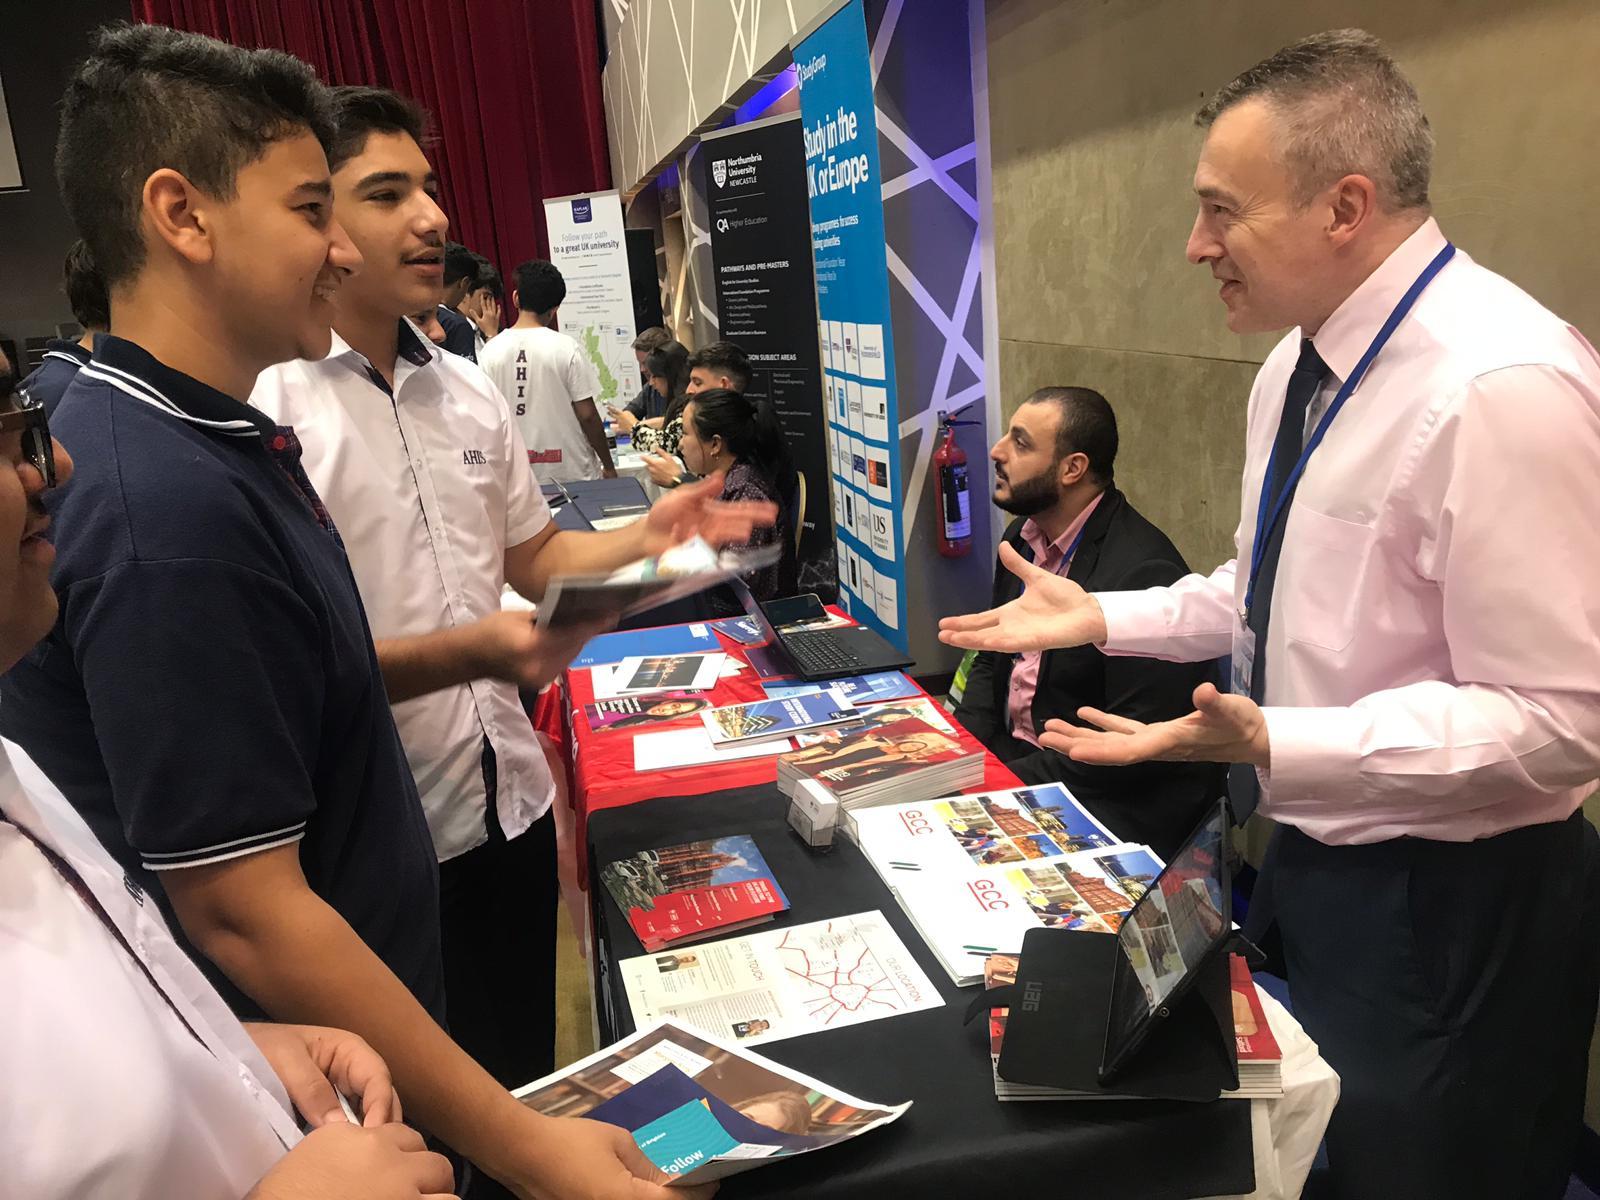 UK University Fair 2019-2020